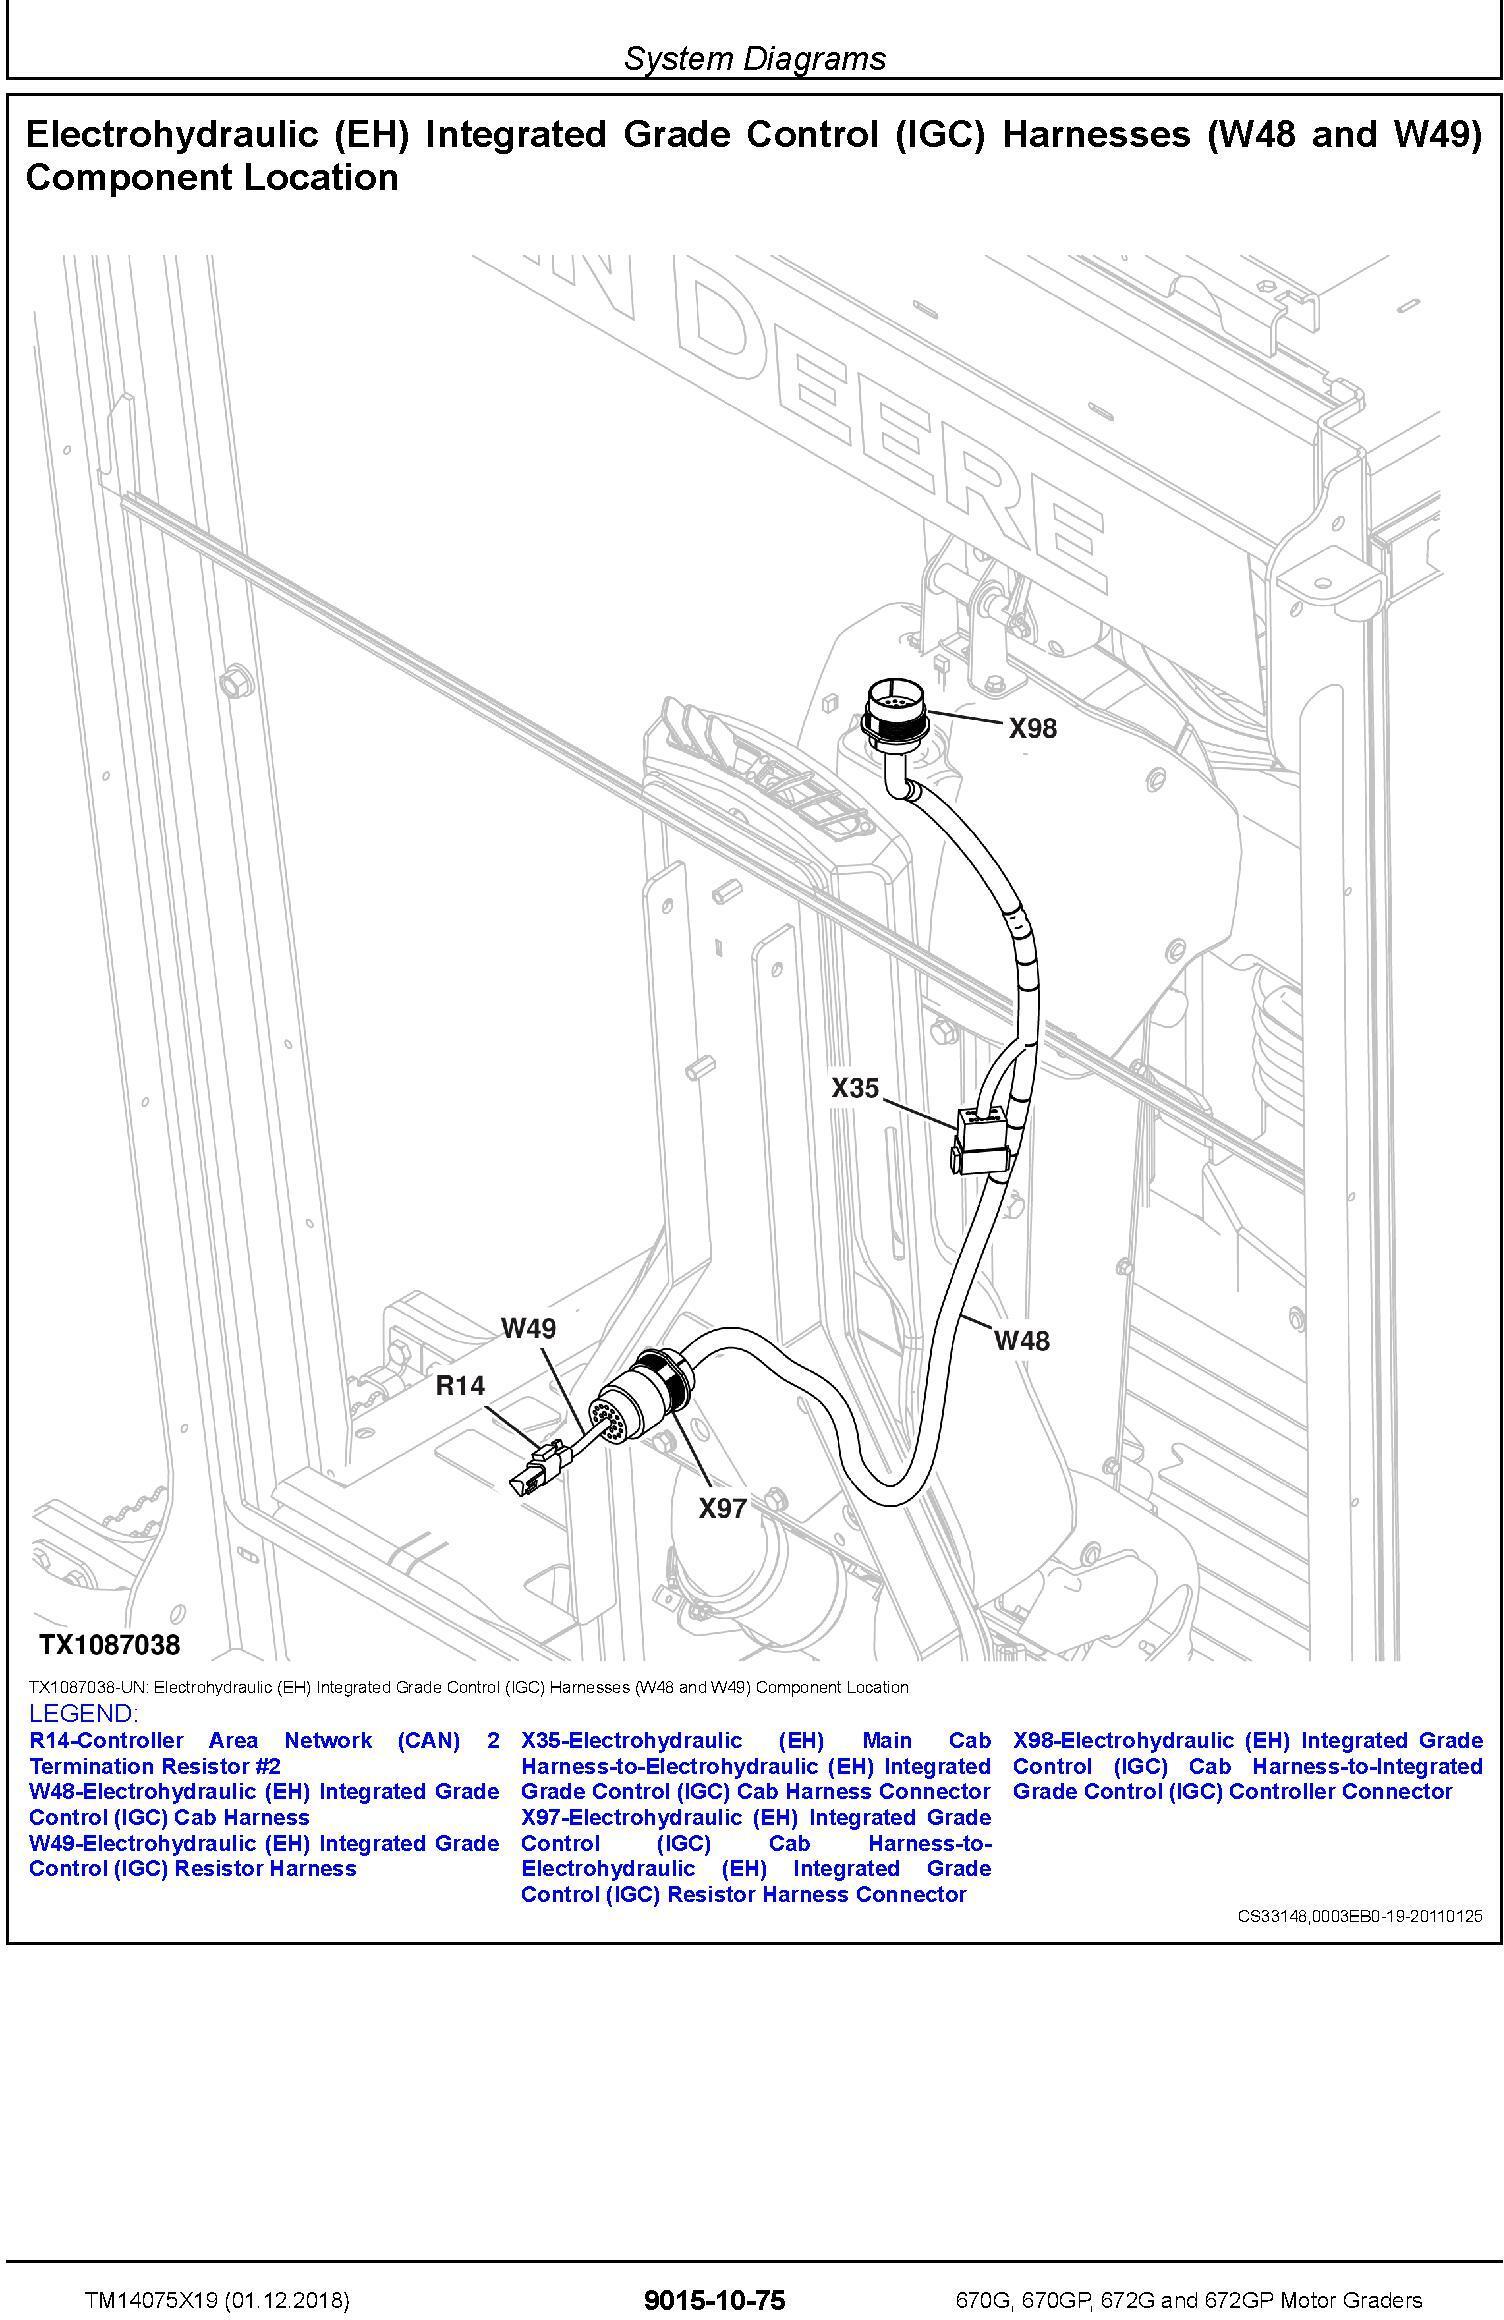 John Deere 670G, 670GP, 672G, 672GP (SN.C678818-680877) Motor Graders Diagnostic Manual (TM14075X19) - 2